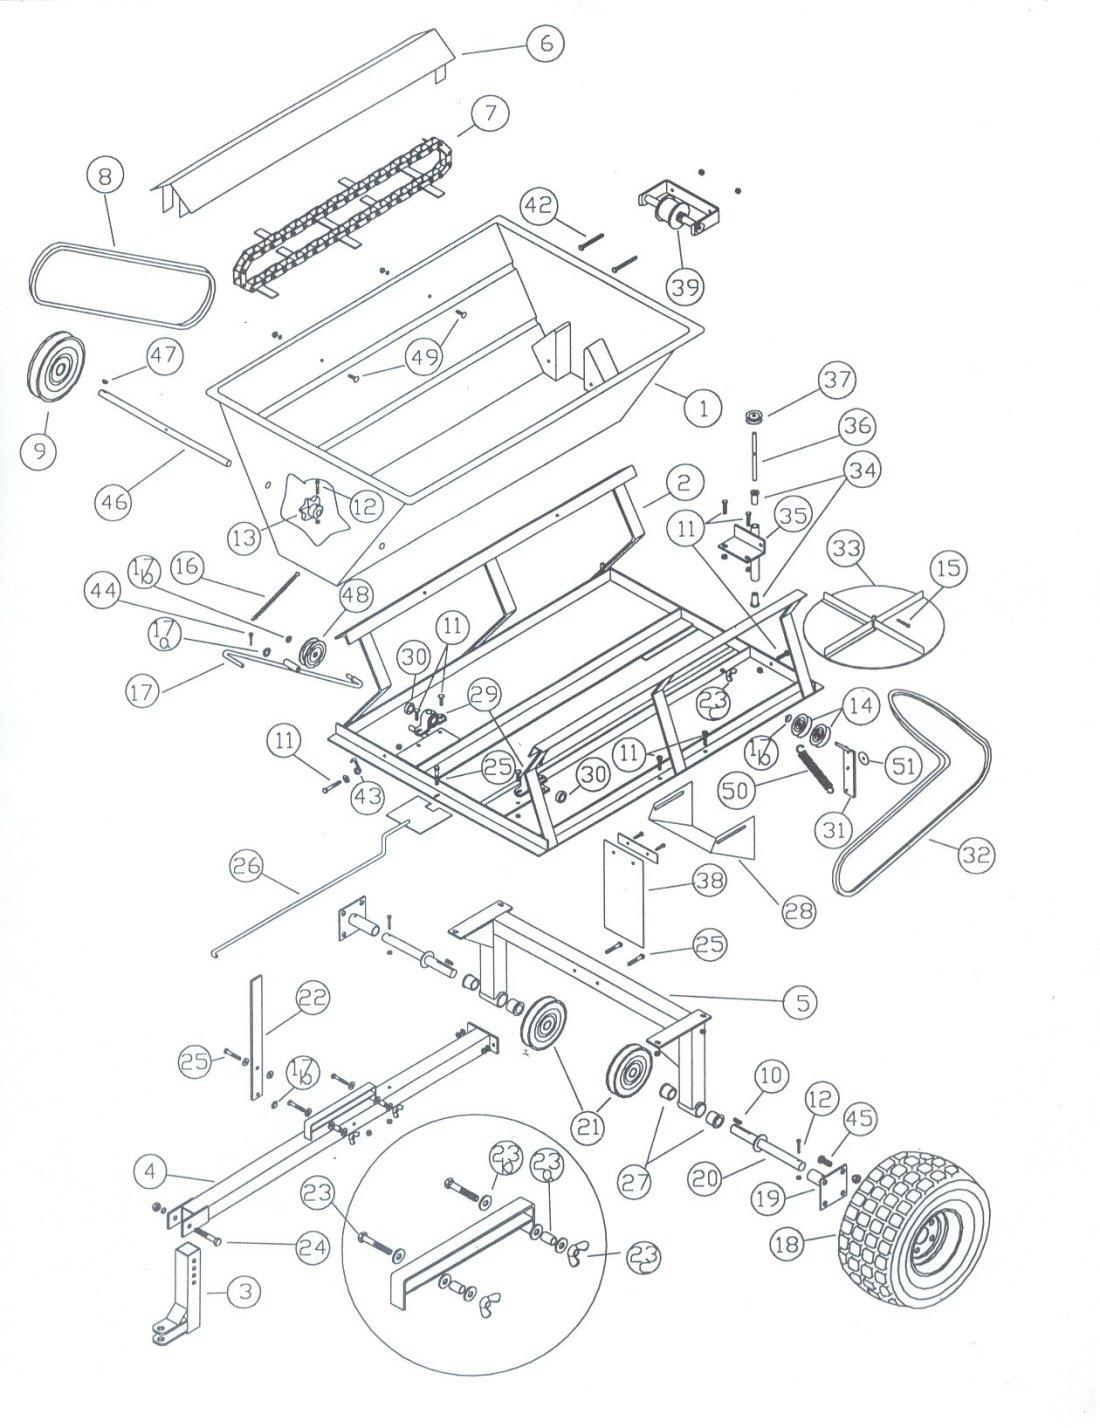 Wikco biz spreader htm 8n tractor parts diagram swather parts diagram sail parts diagram on tractor spreader parts diagram